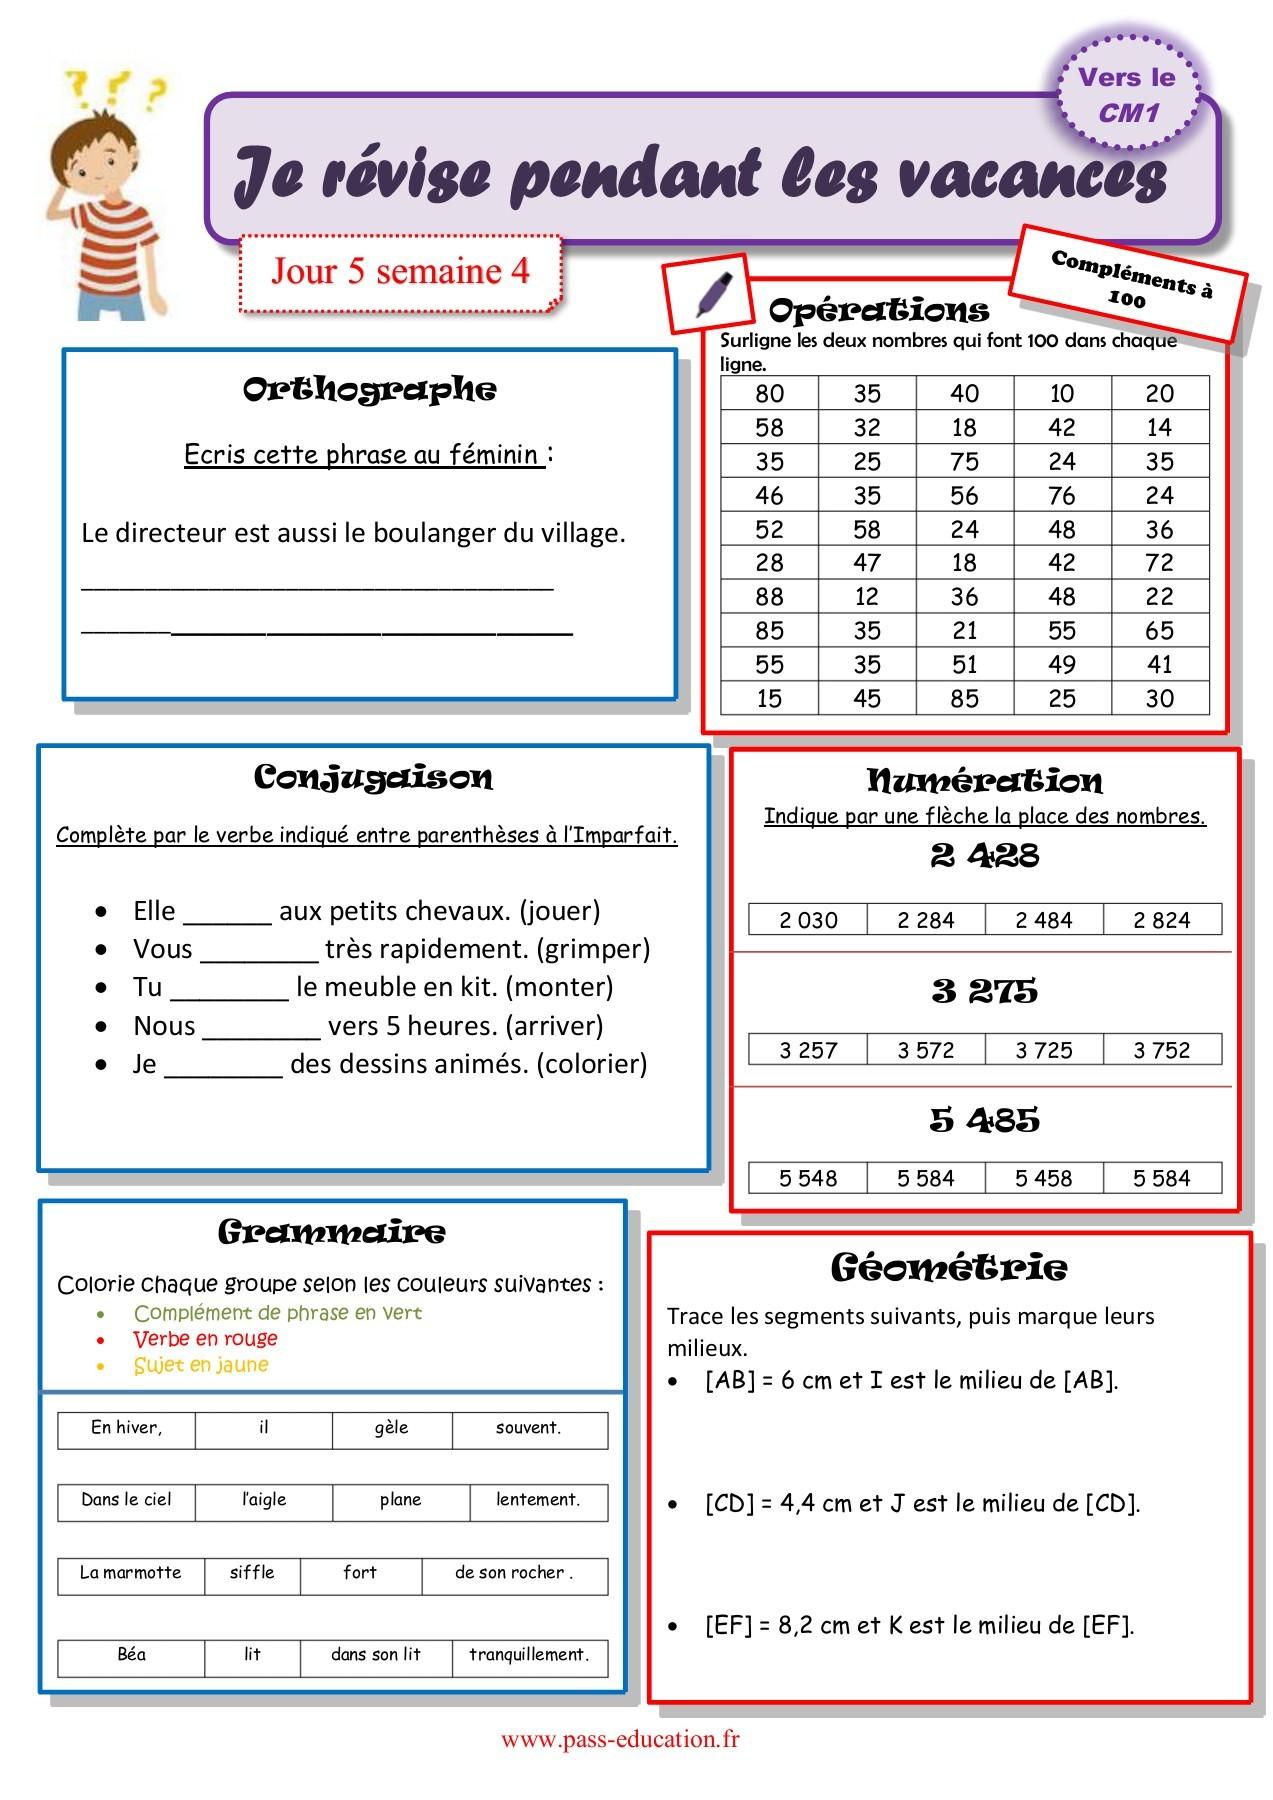 Cahier De Vacances Gratuit À Imprimer - Ce2 Vers Le Cm1 concernant Cahier De Vacances À Imprimer